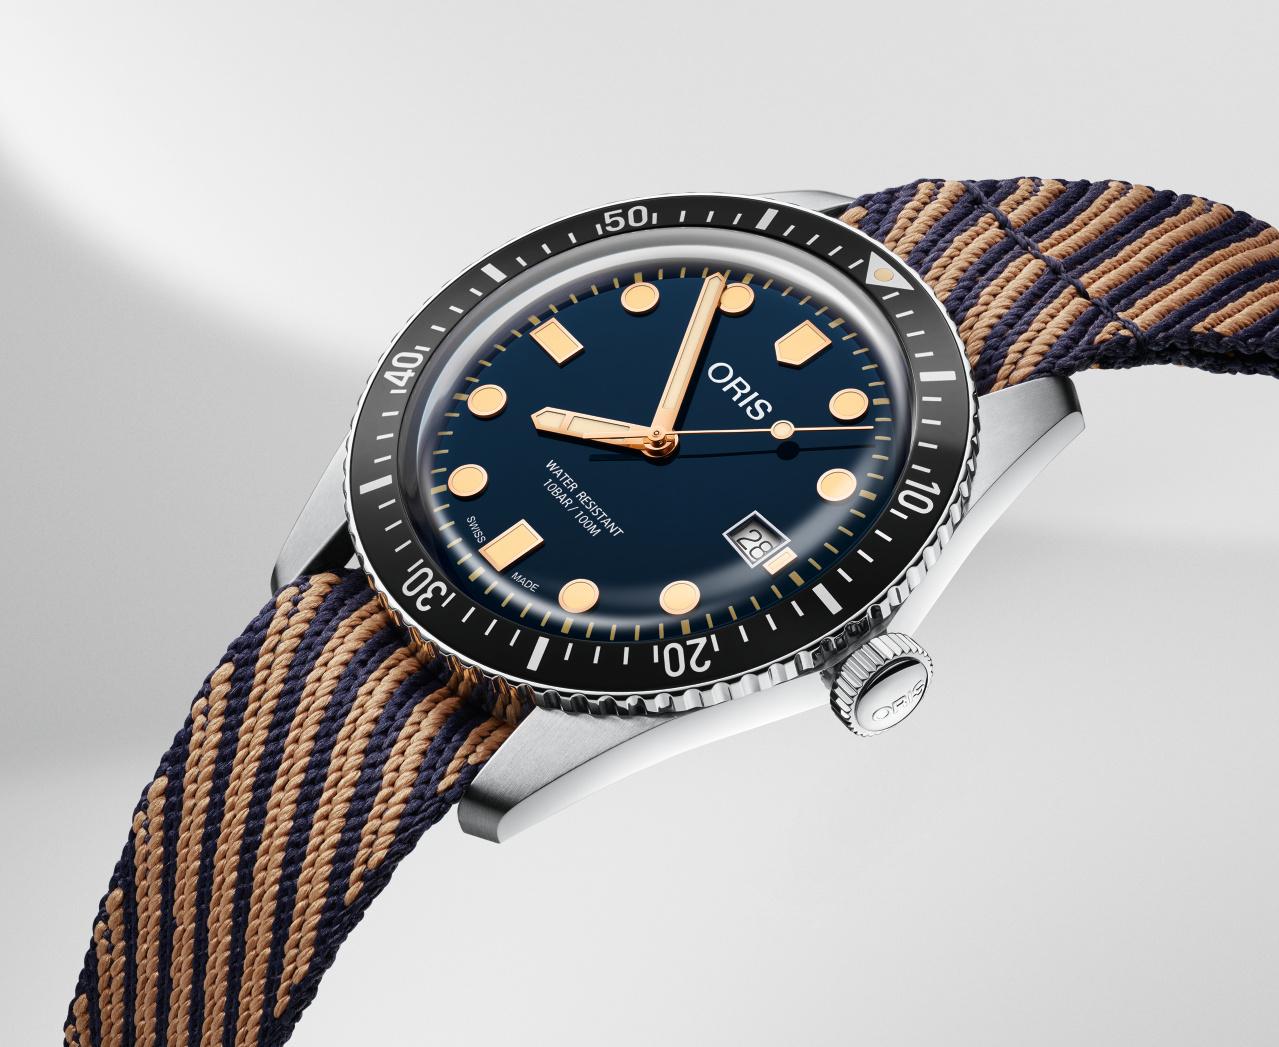 De 42 mm Divers Sixty-Five met een stoffen band die is gemaakt van hergebruikt plastic